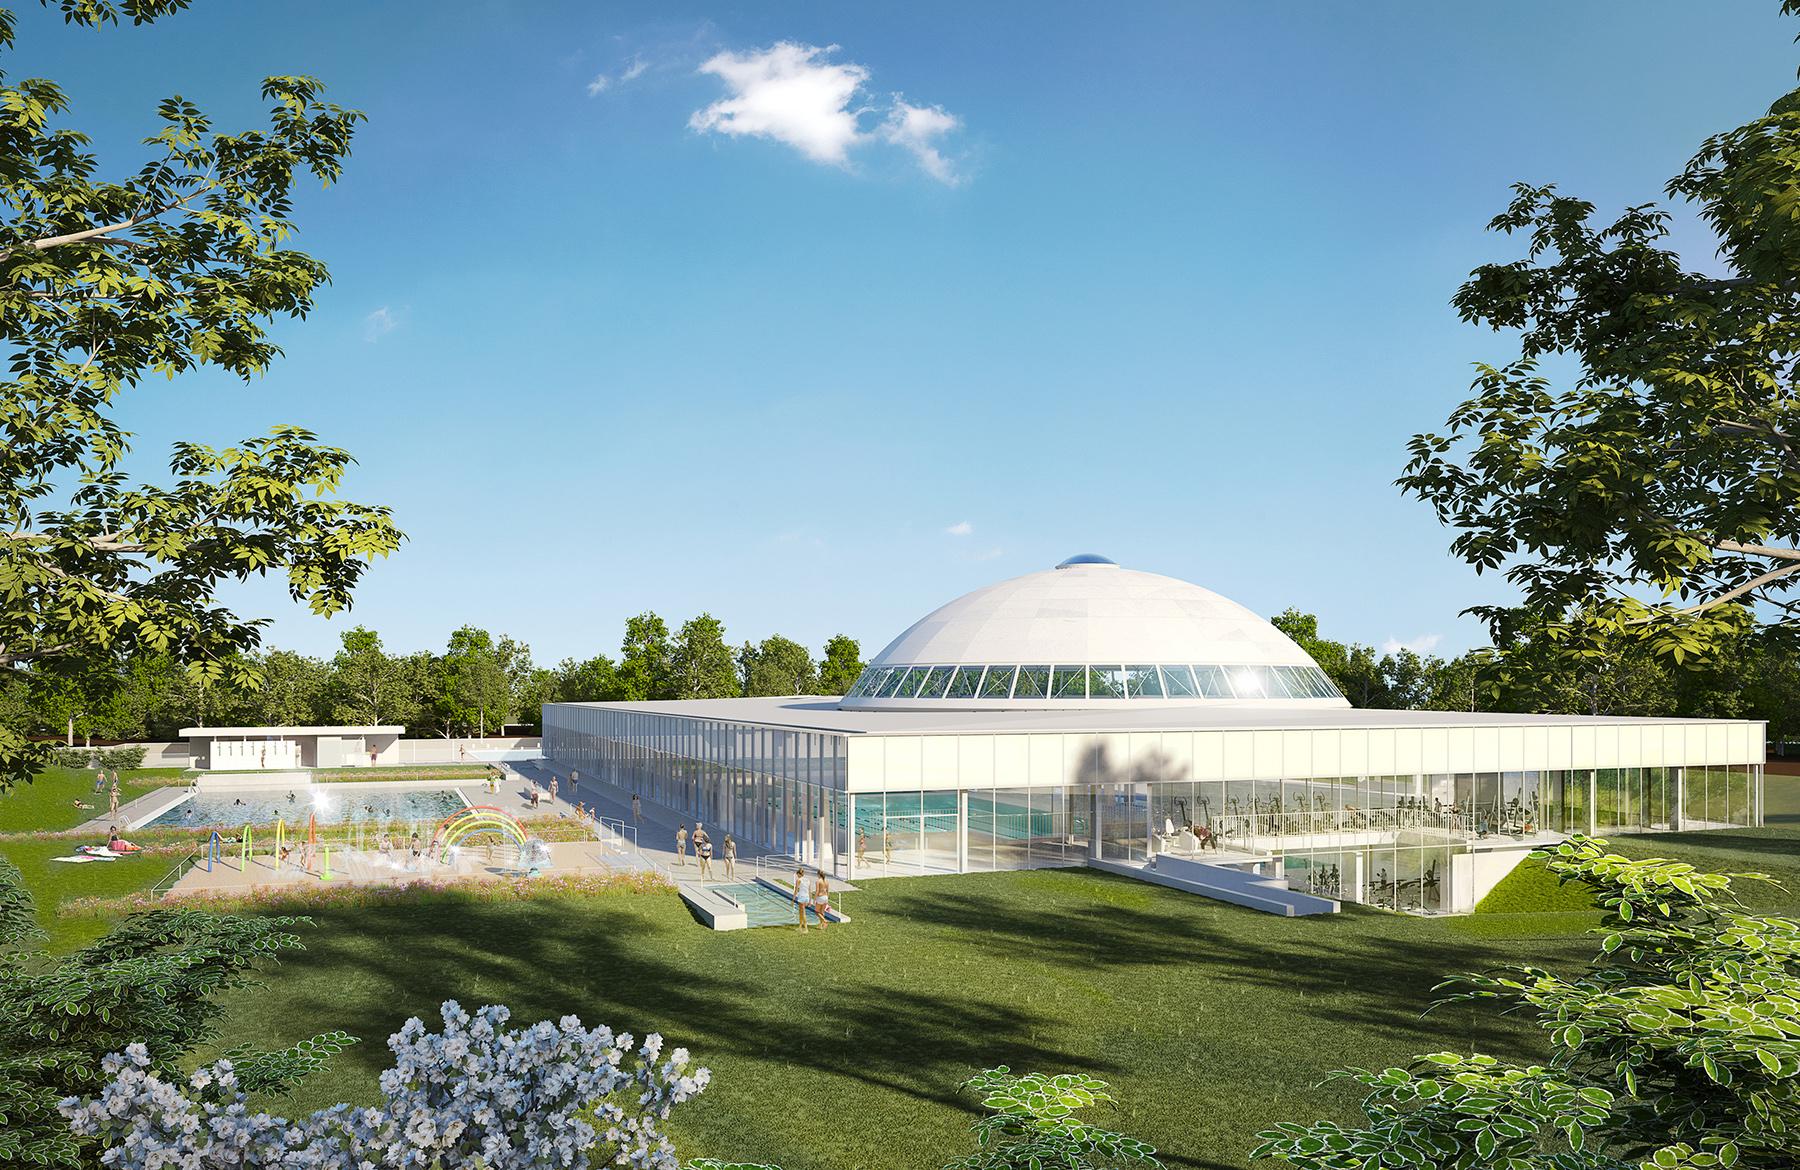 Piscine Olympique | Tna Architectes, Paris pour Piscine St Germain En Laye